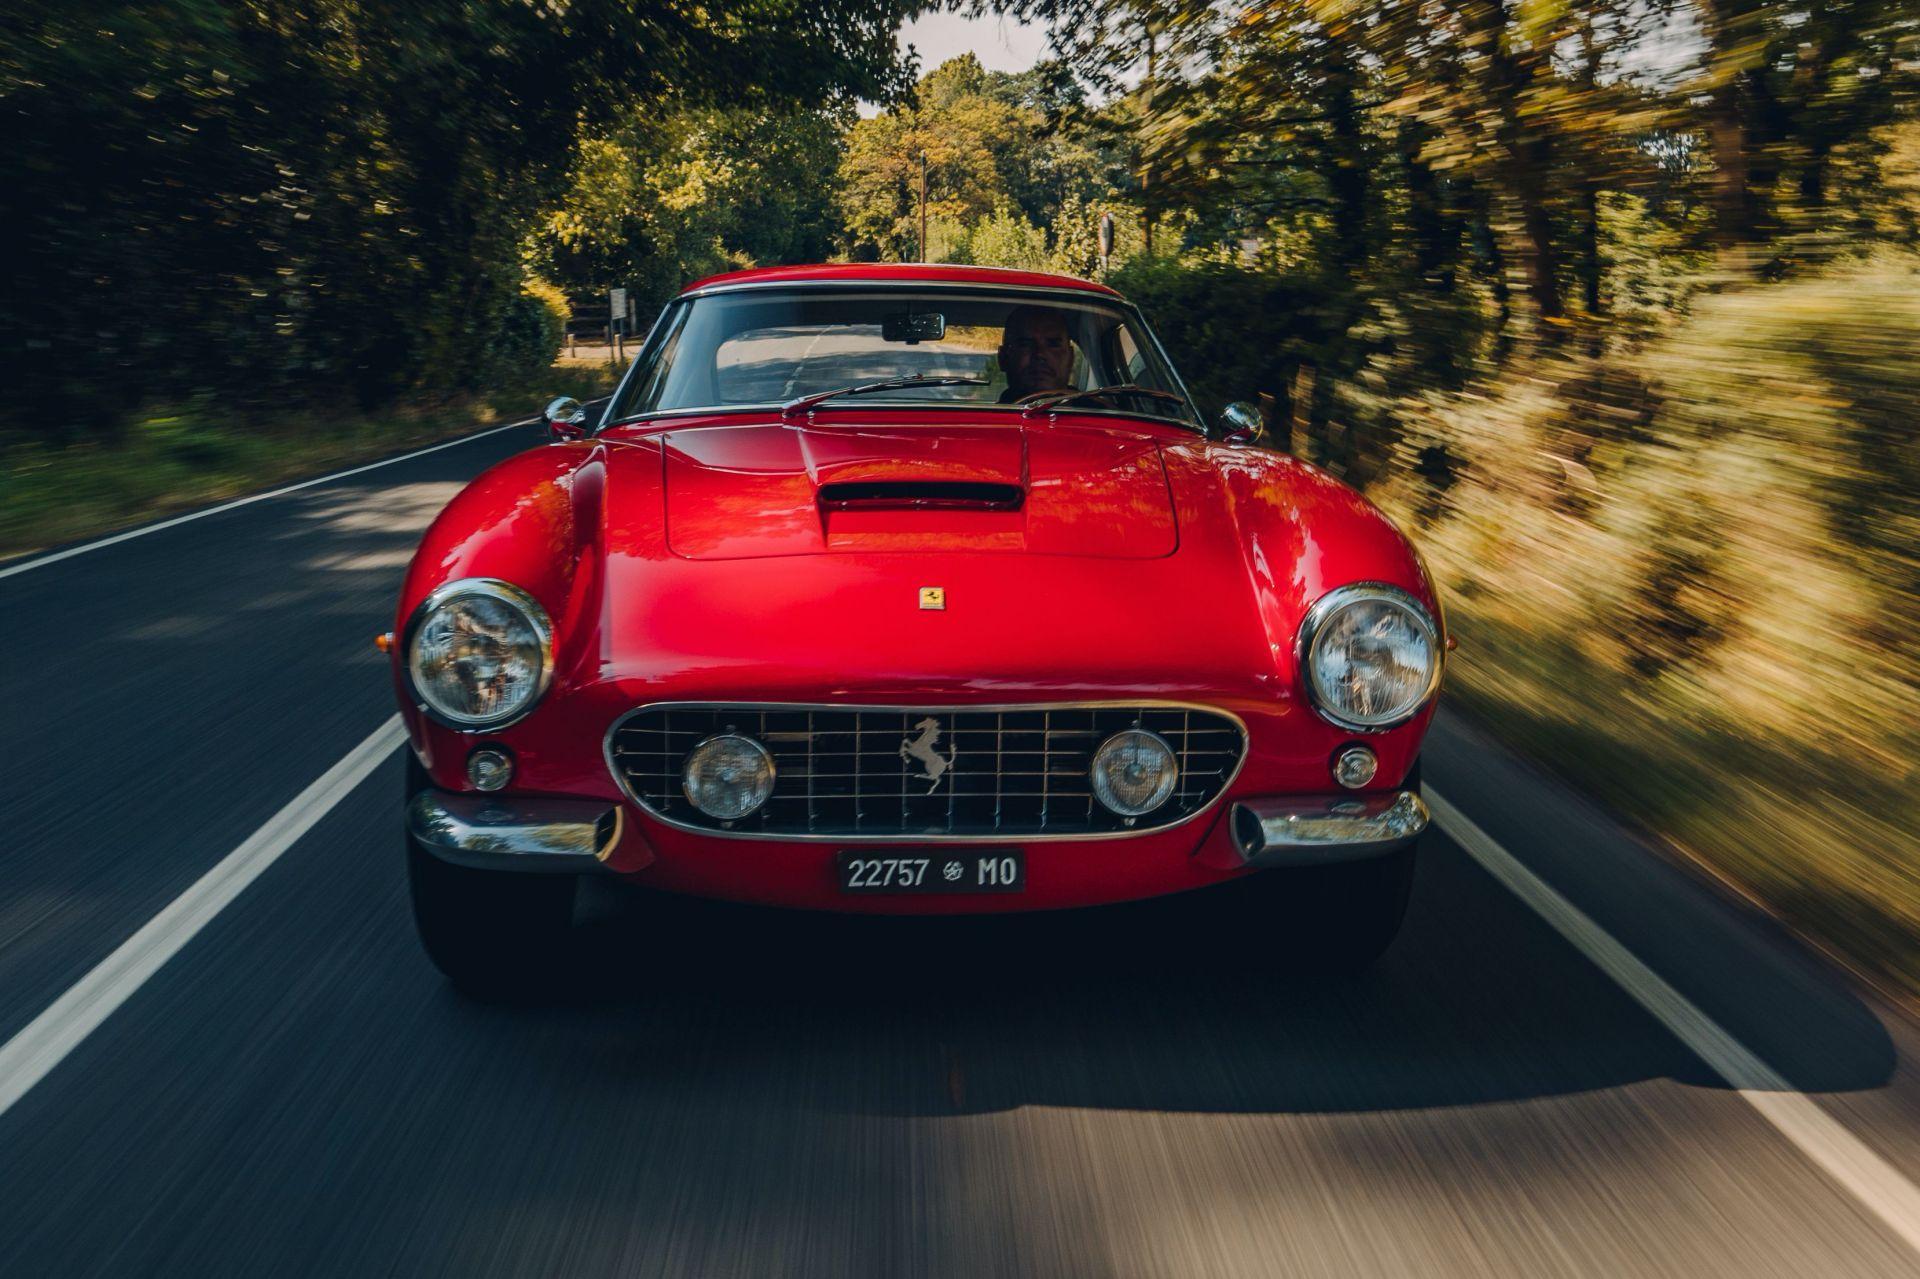 Ferrari-250-GT-SWB-Berlinetta-Competizione-Revival-by-GTO-Engineering-5